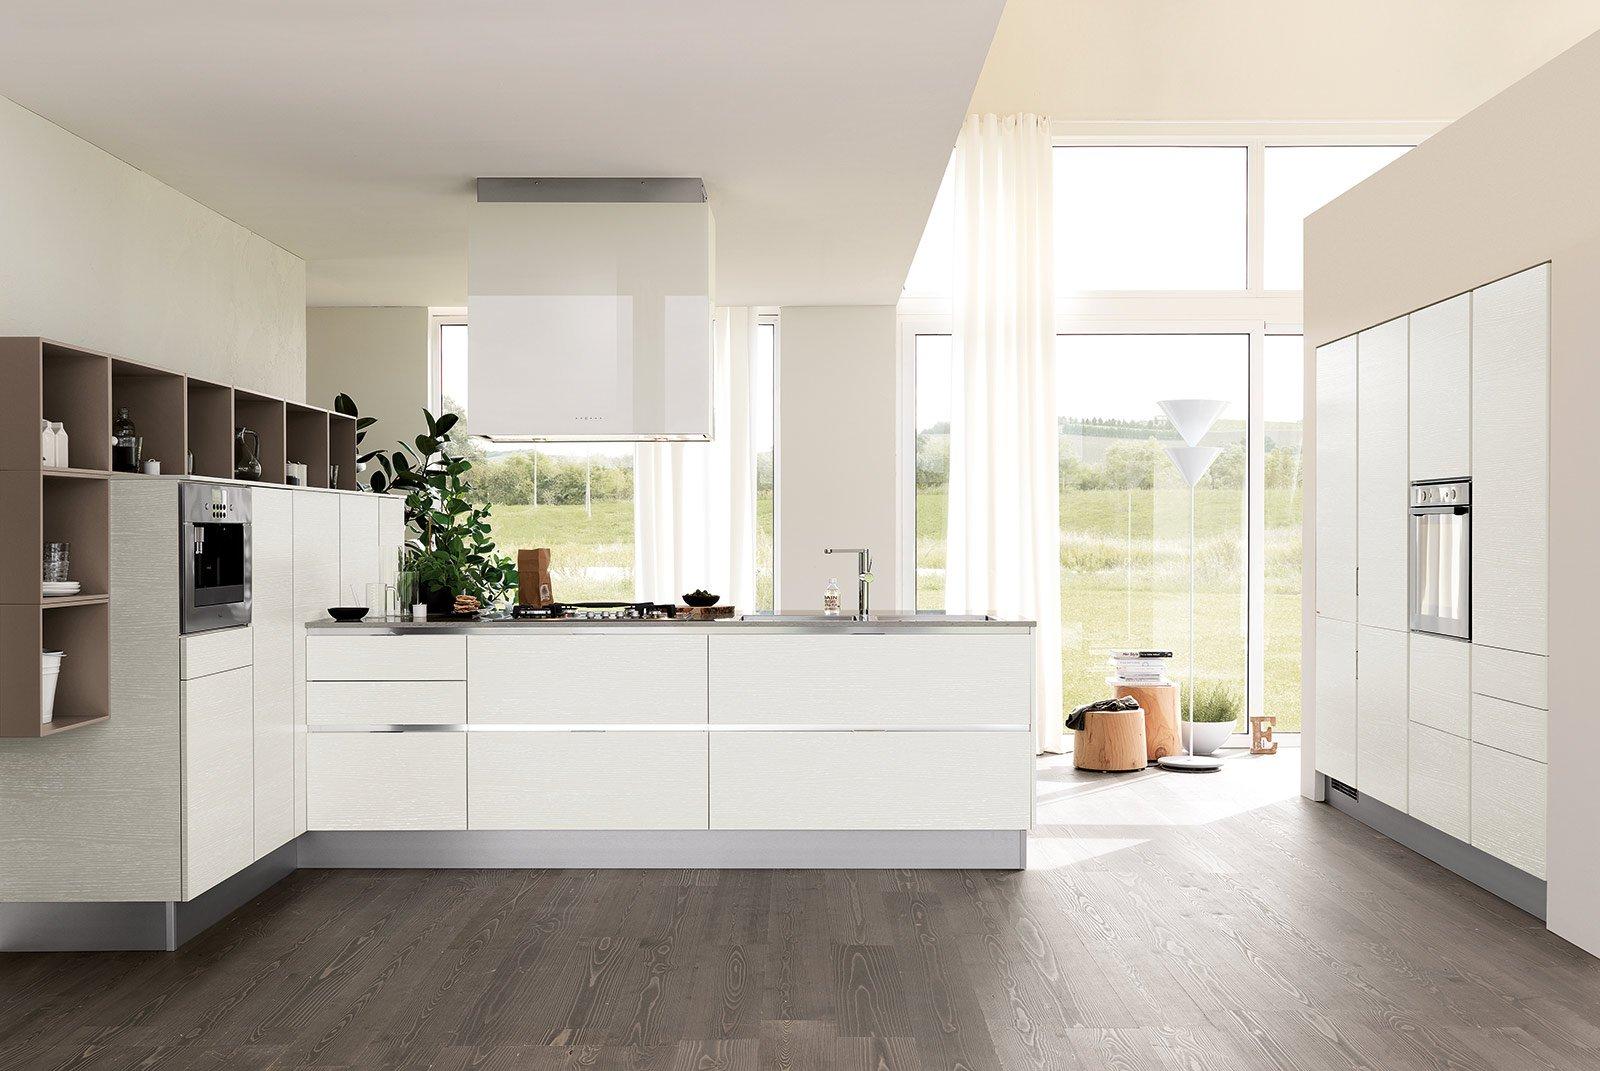 Cucine bianche moderne cose di casa - Cucine open space ...